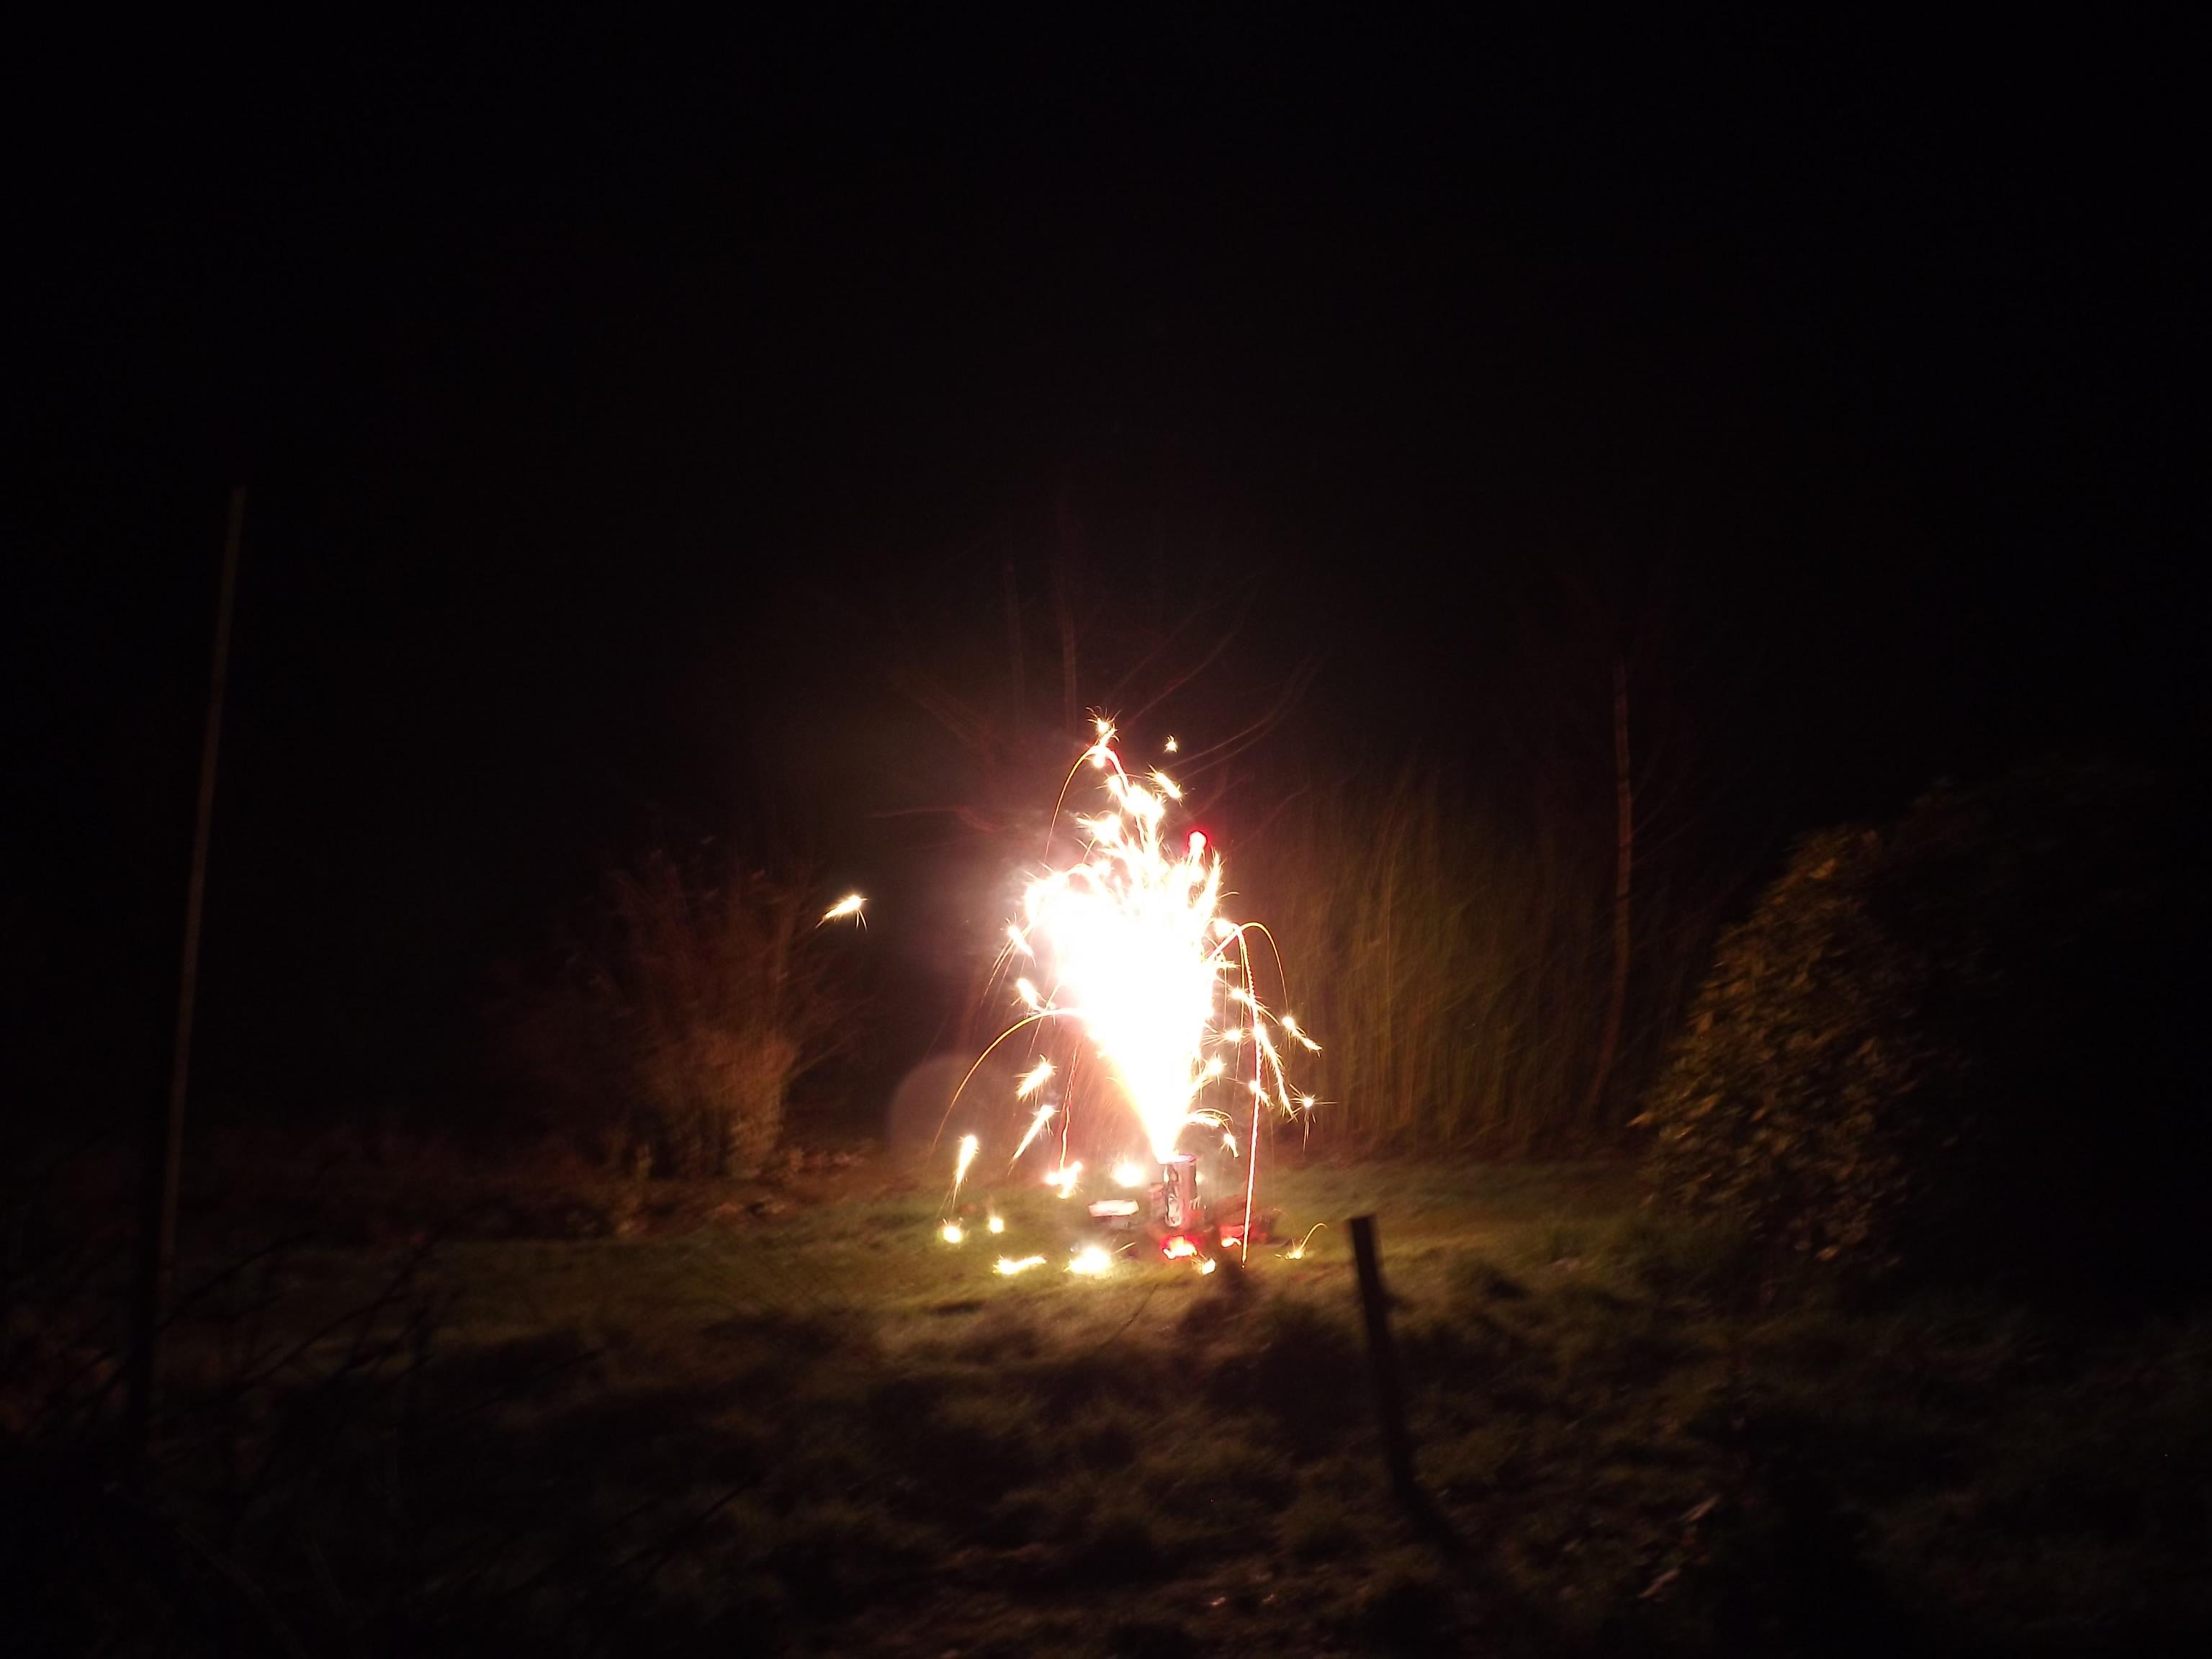 feuerwerk-rot-boden-4553